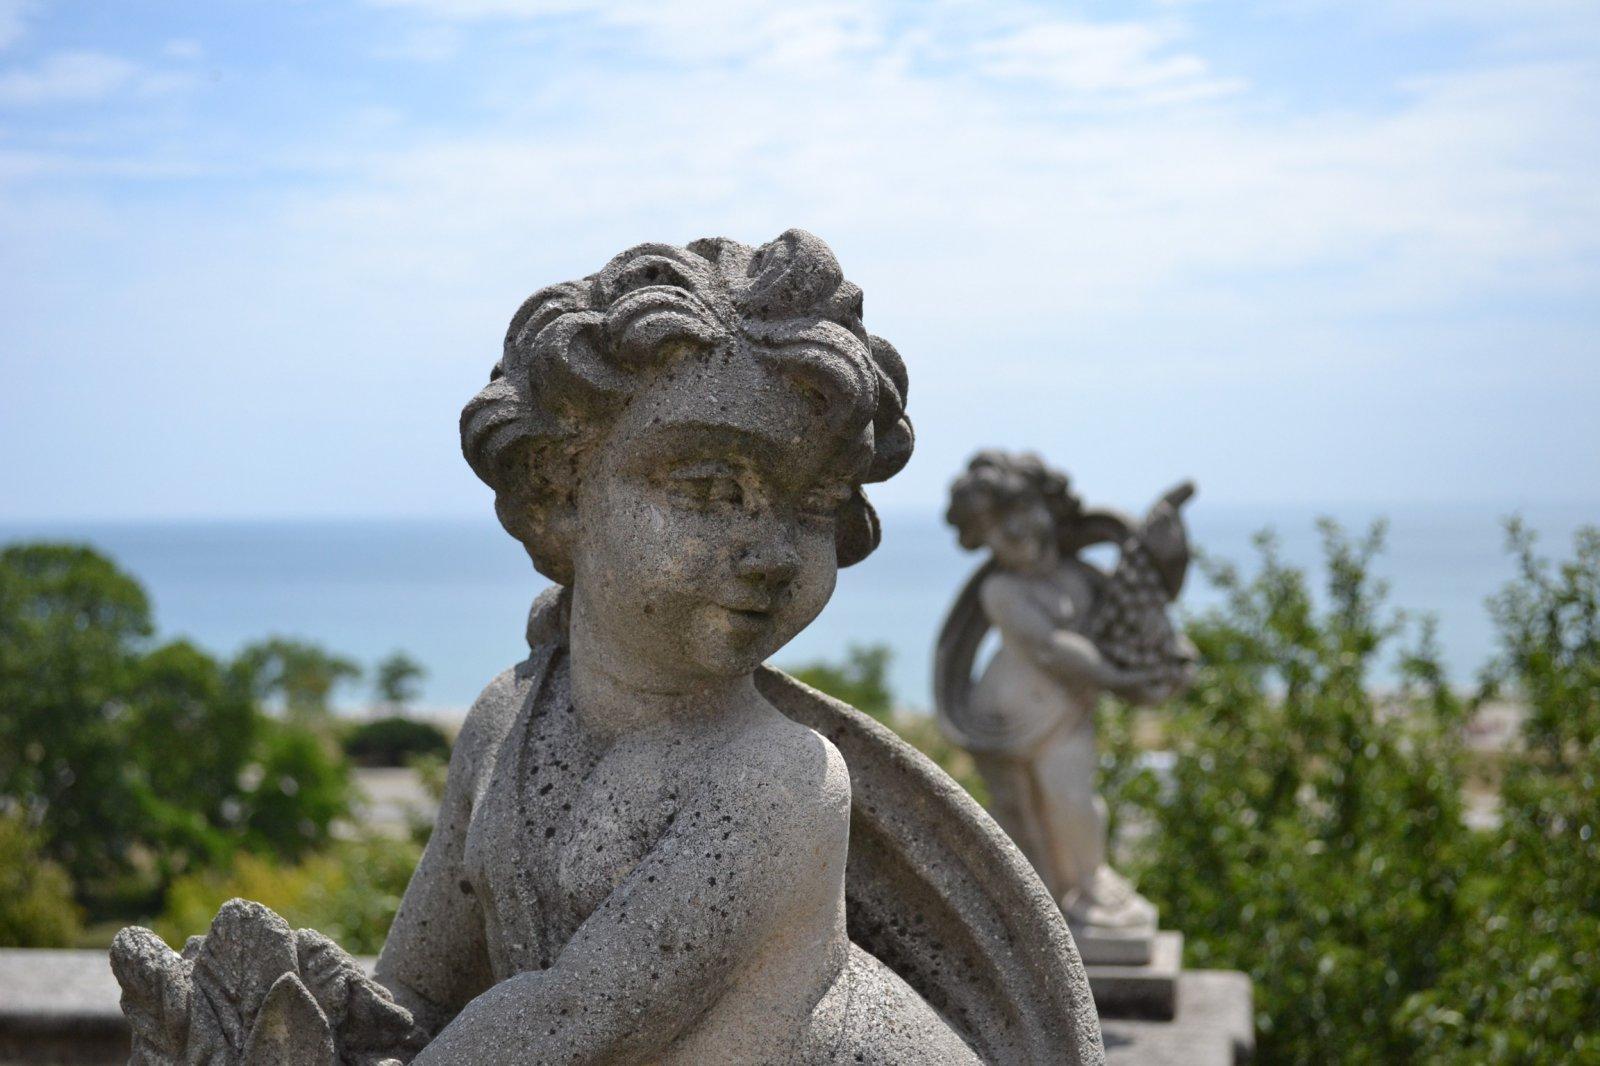 Sculpture at Villa Terrace Decorative Arts Museum